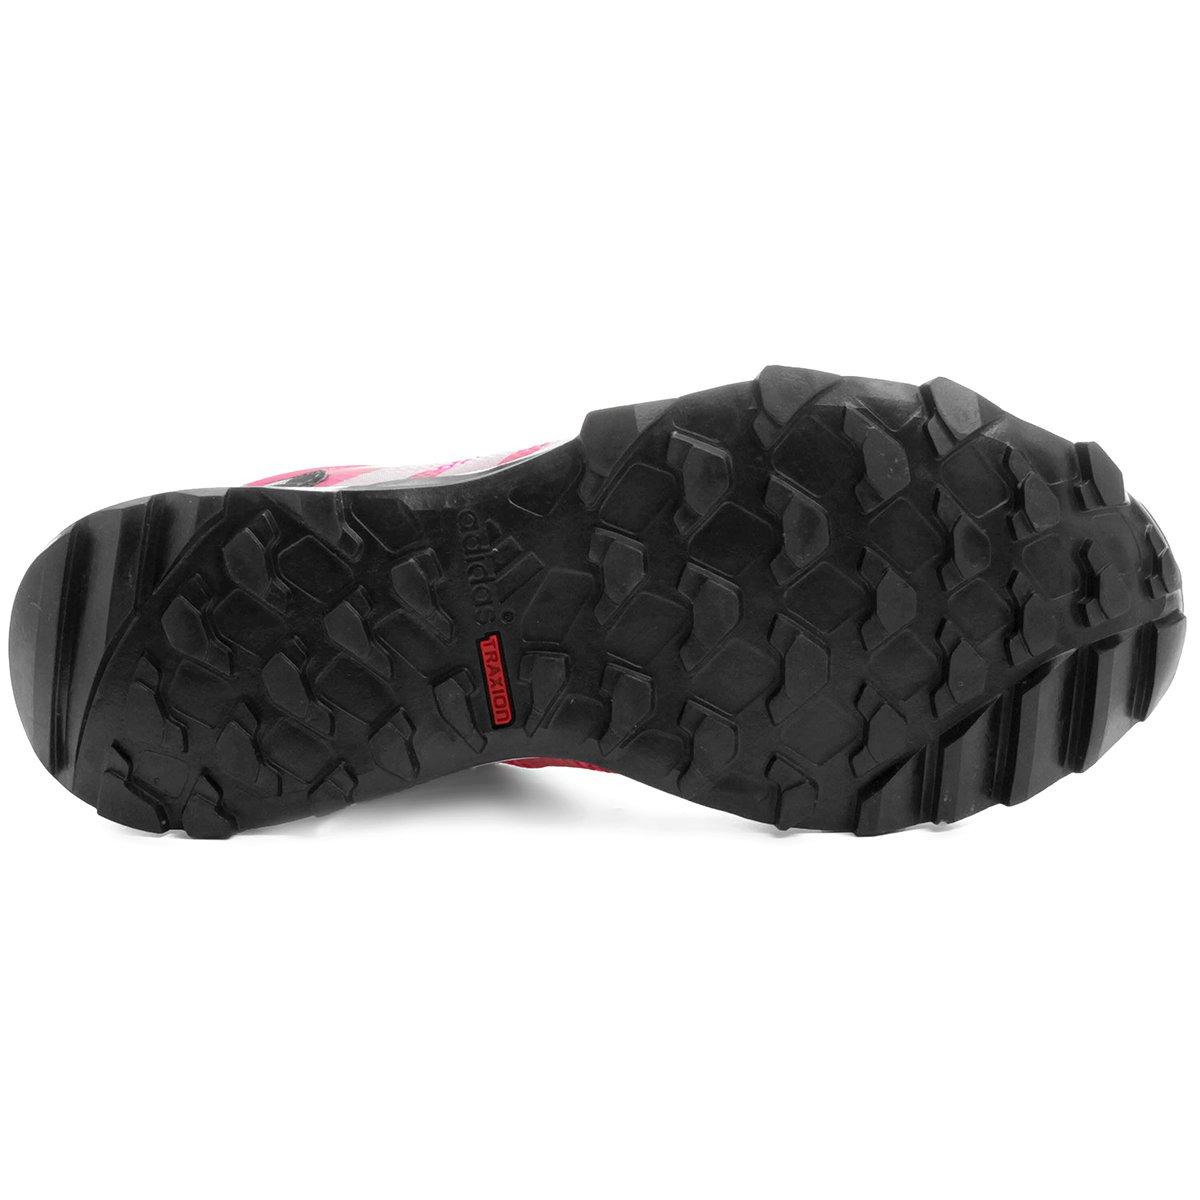 846c314e9b Tênis Adidas Kanadia 7 TR - Compre Agora